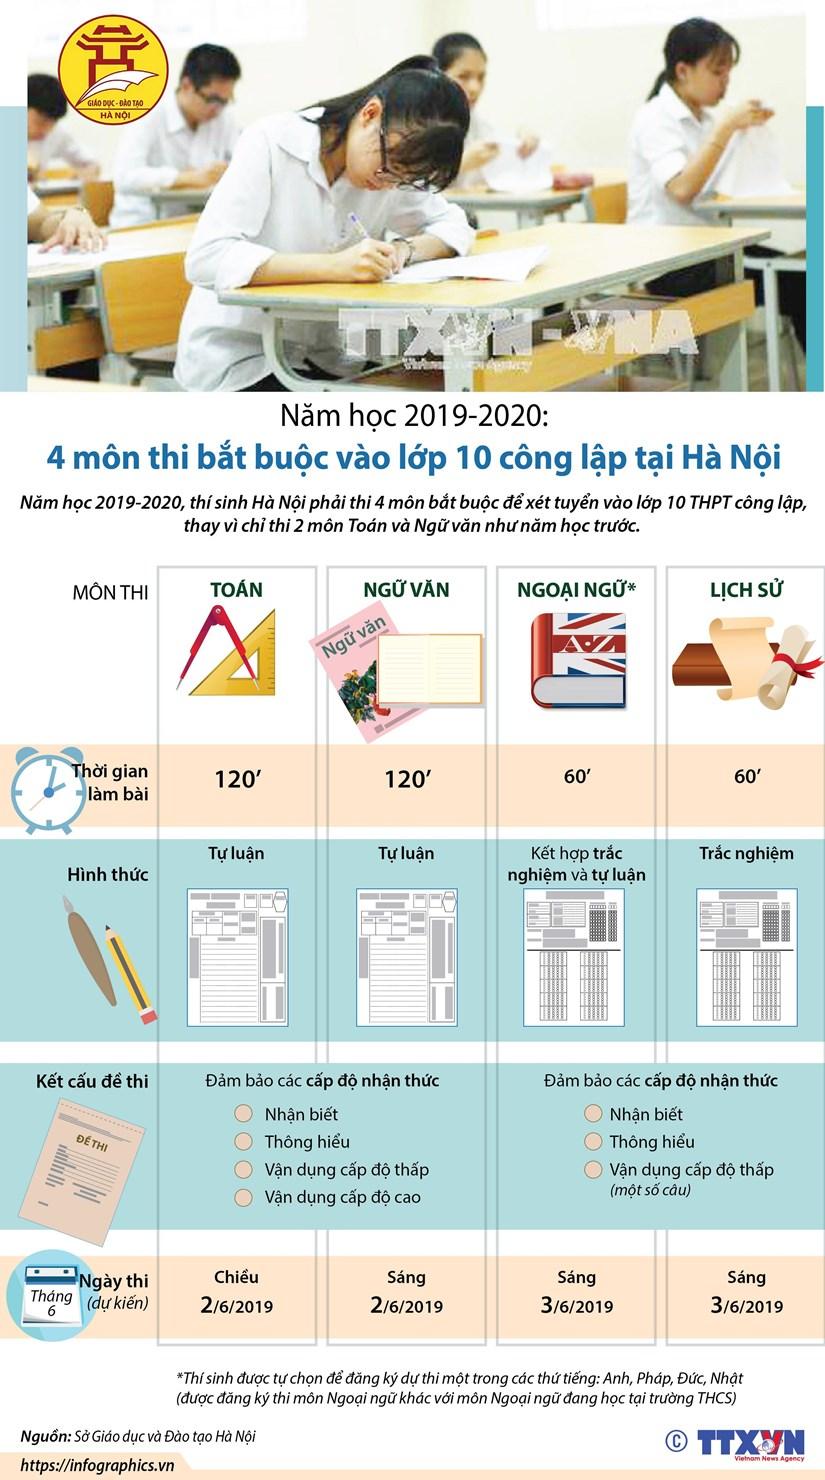 [Infographics] Bốn môn thi bắt buộc vào lớp 10 công lập tại Hà Nội